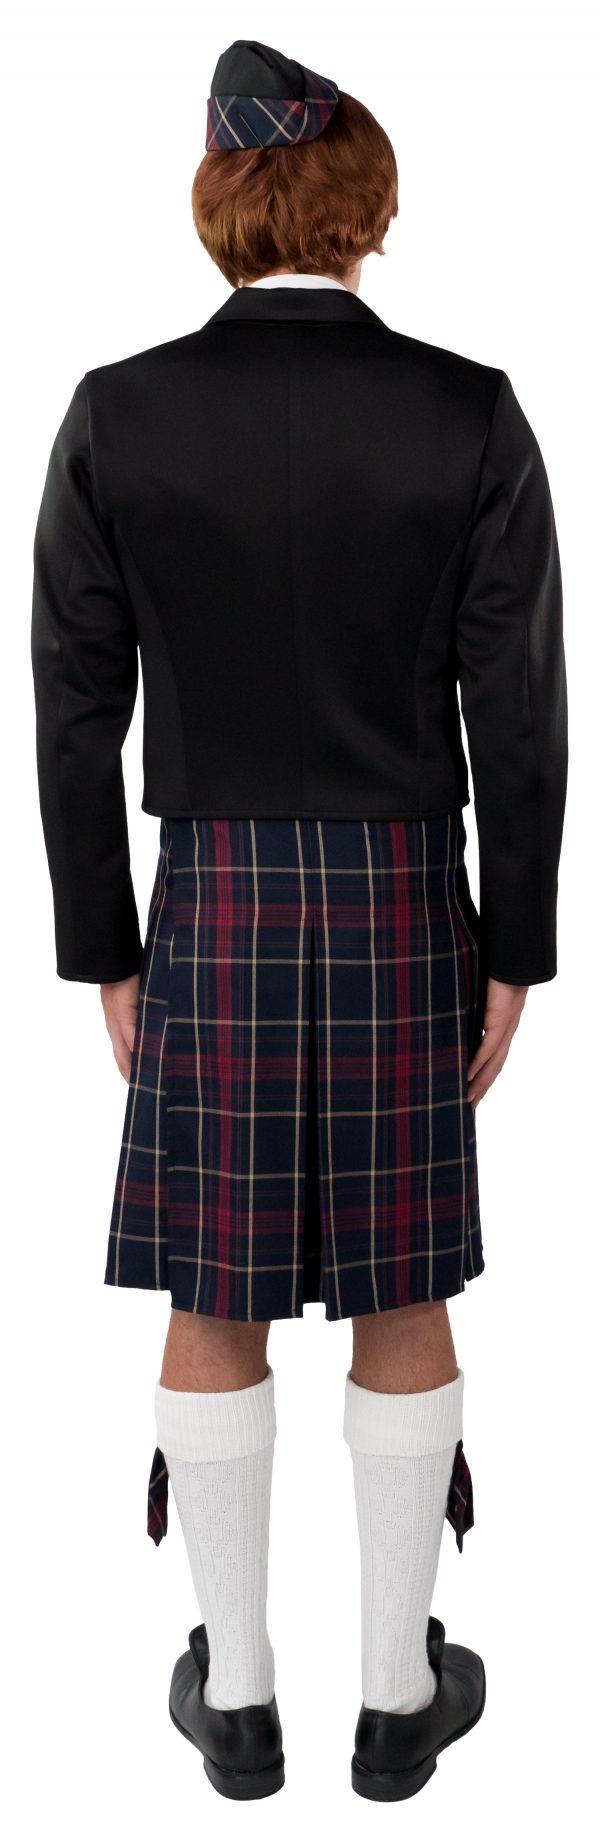 7982 R 600x1838 - Škotski Jacket deluxe (Jacket)